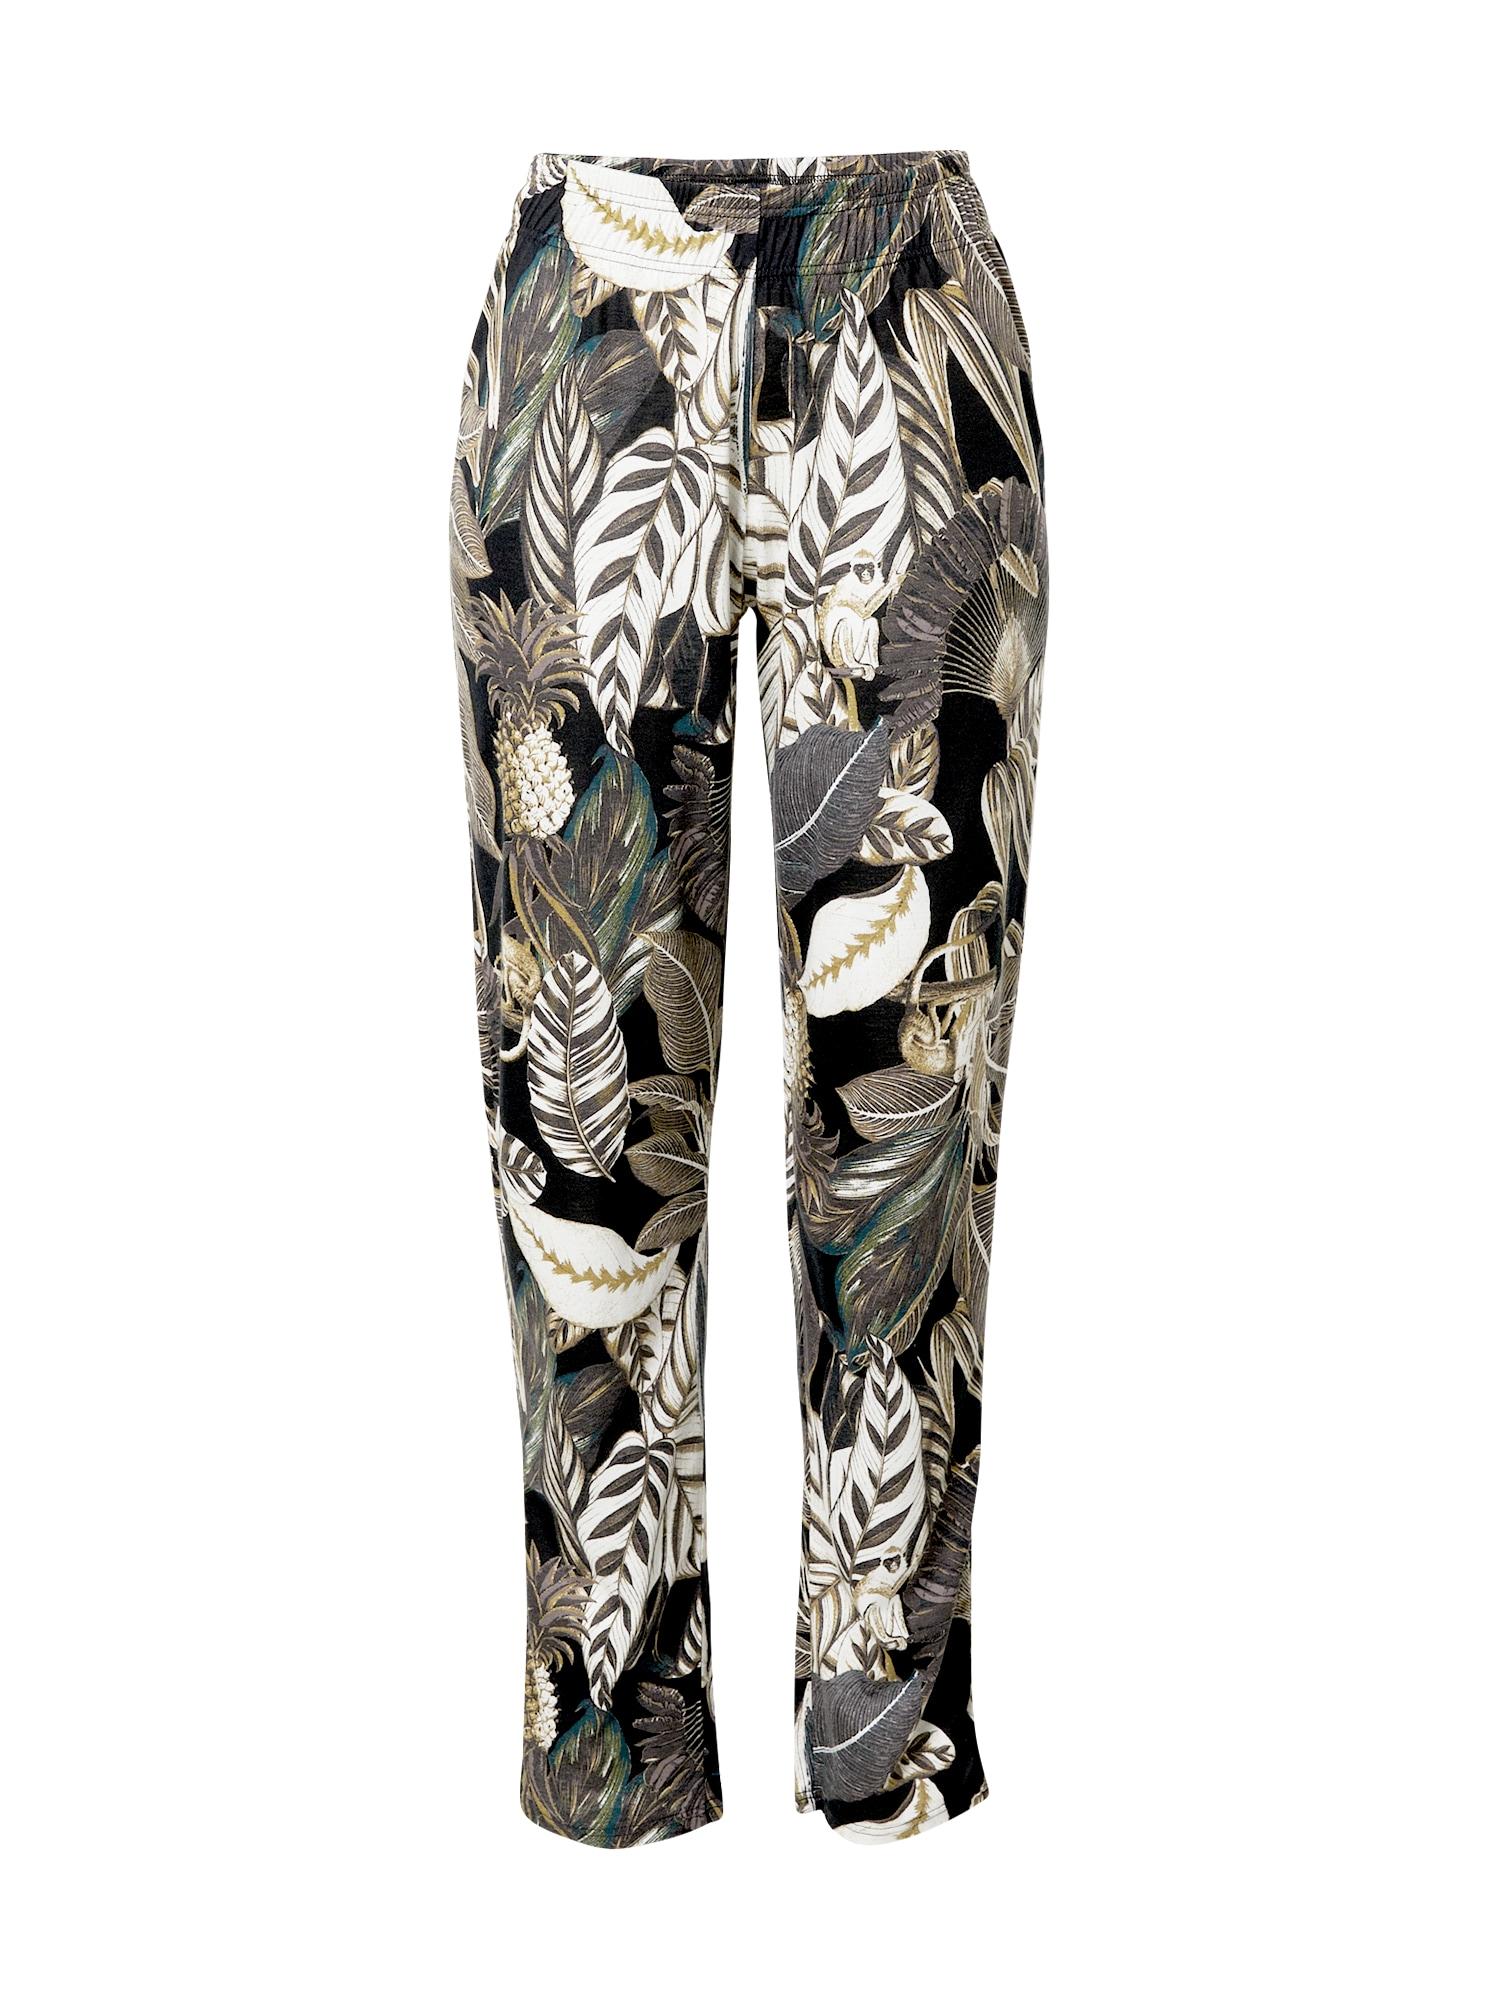 CALIDA Pižaminės kelnės balta / juoda / rusvai žalia / rausvai pilka